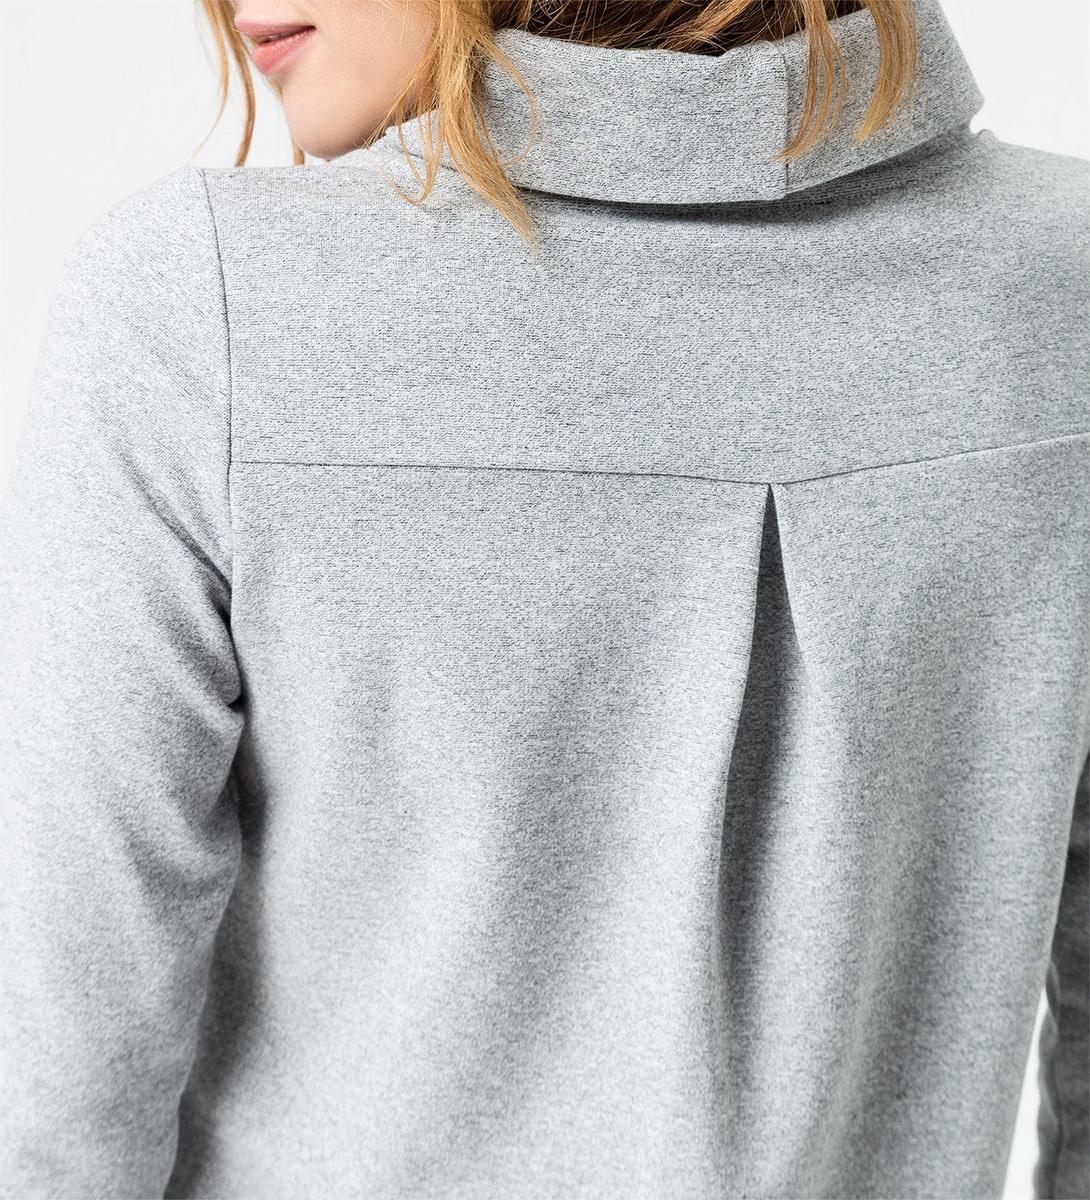 Sweatshirt mit Turtleneck in stone grey